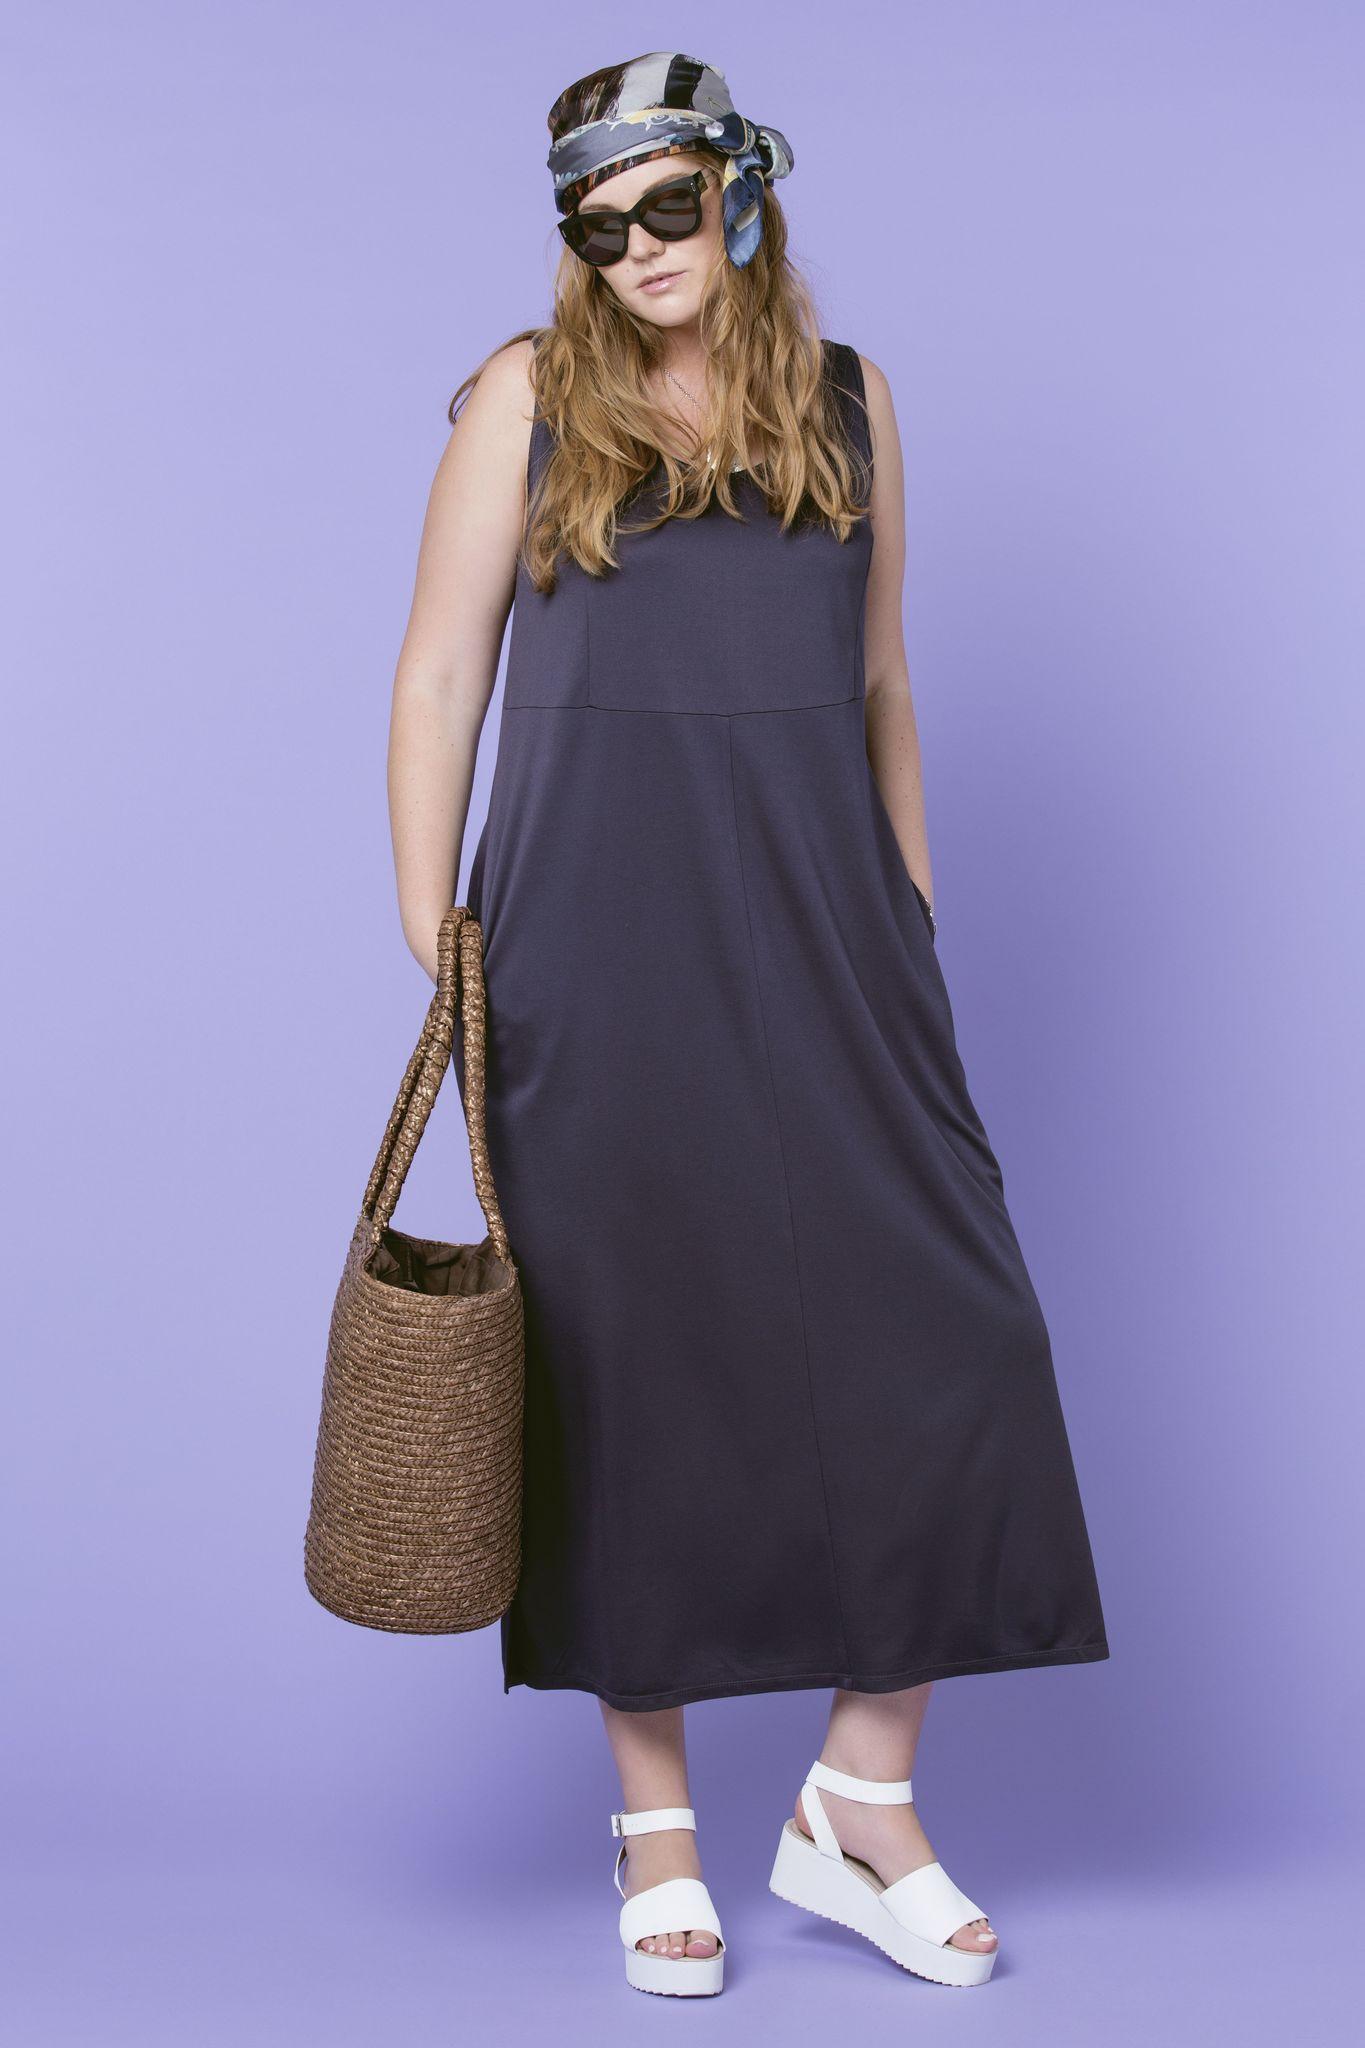 Платье LE-05 D08 32Платья<br>Платье - майка – это, пожалуй, самый подходящий фасон платья для создания многослойных оборазов. Оно легко и непринужденно вписывается и в офисную, и в пляжную, и в повседневную моду, и подходит для самых разнообразных случаев. Наше трикотажное платье без рукавов, А-силуэта и с правильной геометрией. Длина - до щиколотки, карманы в боковых швах.  К этому комплекту необходимо подобрать удобную объемную сумку, в которую сможет поместиться красивая косметичка, смартфон, элегантная шаль для вечера или свитер объемной вязки (да кто знает, что еще может быть в сумочке у женщины - правильно - никто, даже сама владелица этой сумки).  Рост модели на фото 179 см, размер - 54 российский.<br>